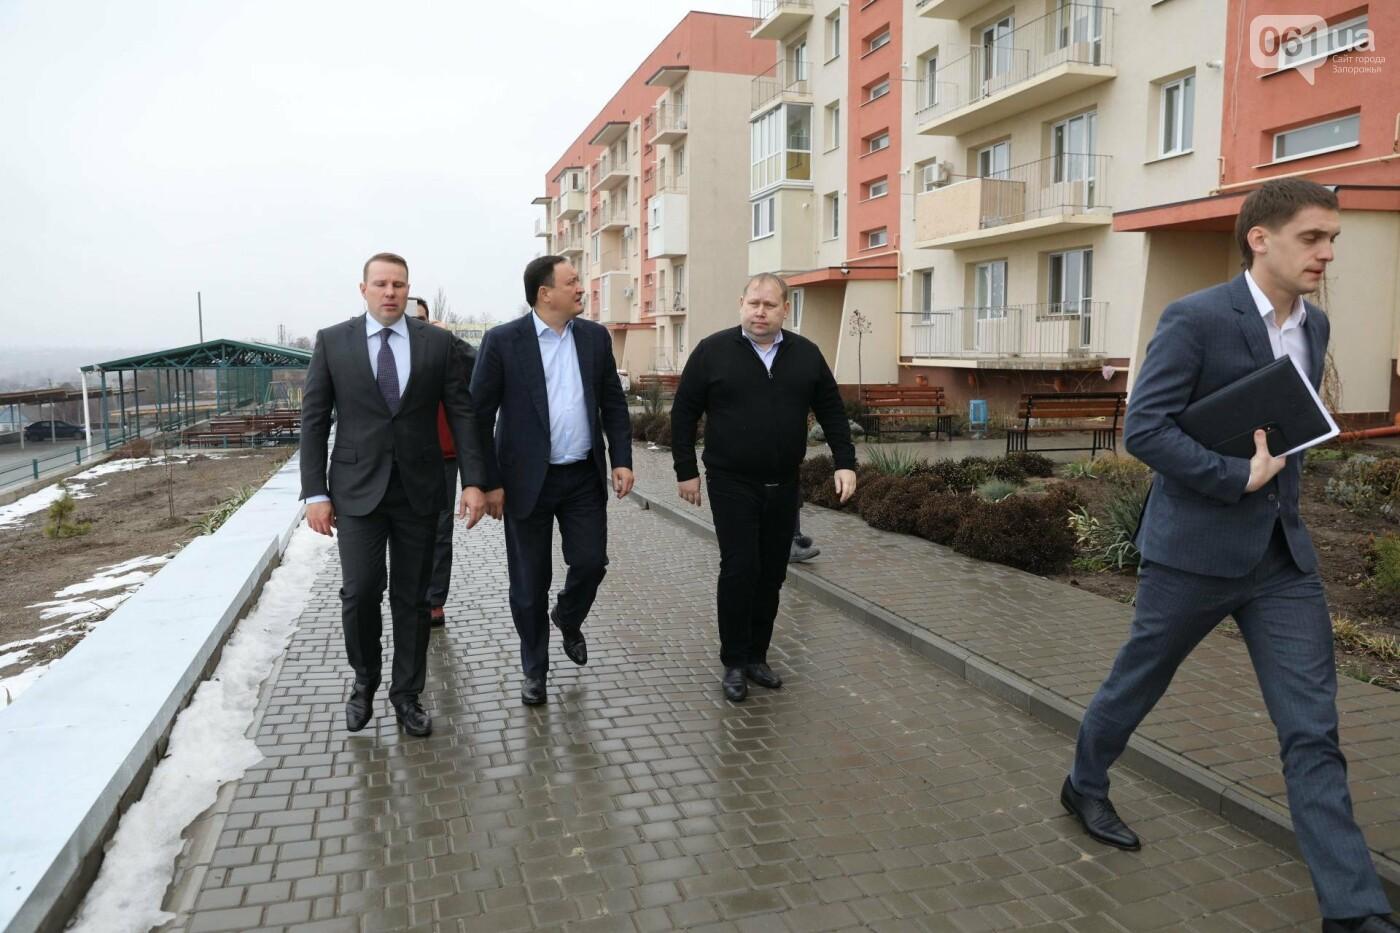 В Мелитополе сиротам передали 8 квартир за 3,5 миллиона, - ФОТО, фото-5